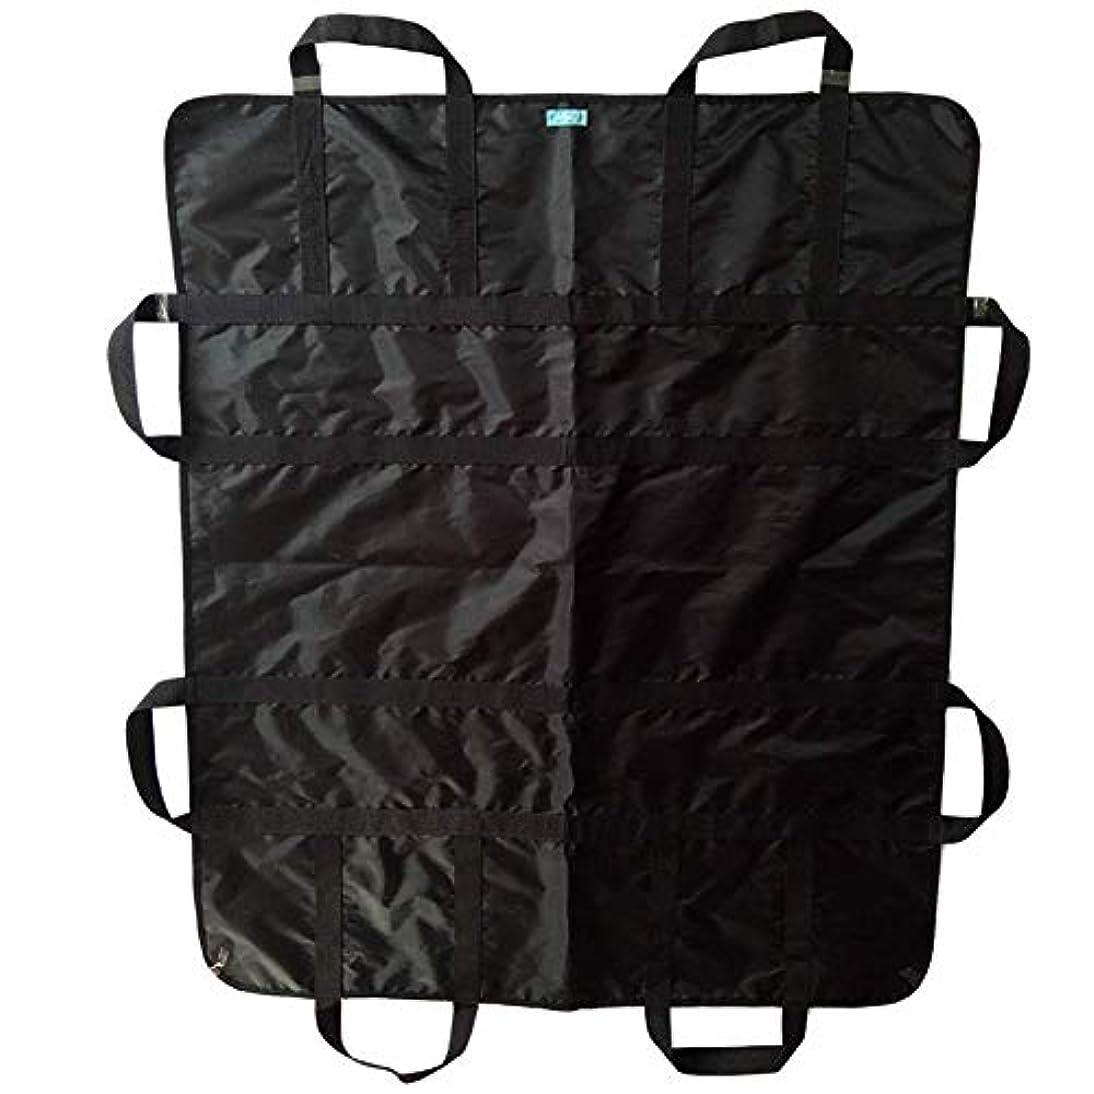 合図浸漬シェルタートランスファーボードスライドベルト-患者リフトベッド支援装置-患者輸送リフトスリング